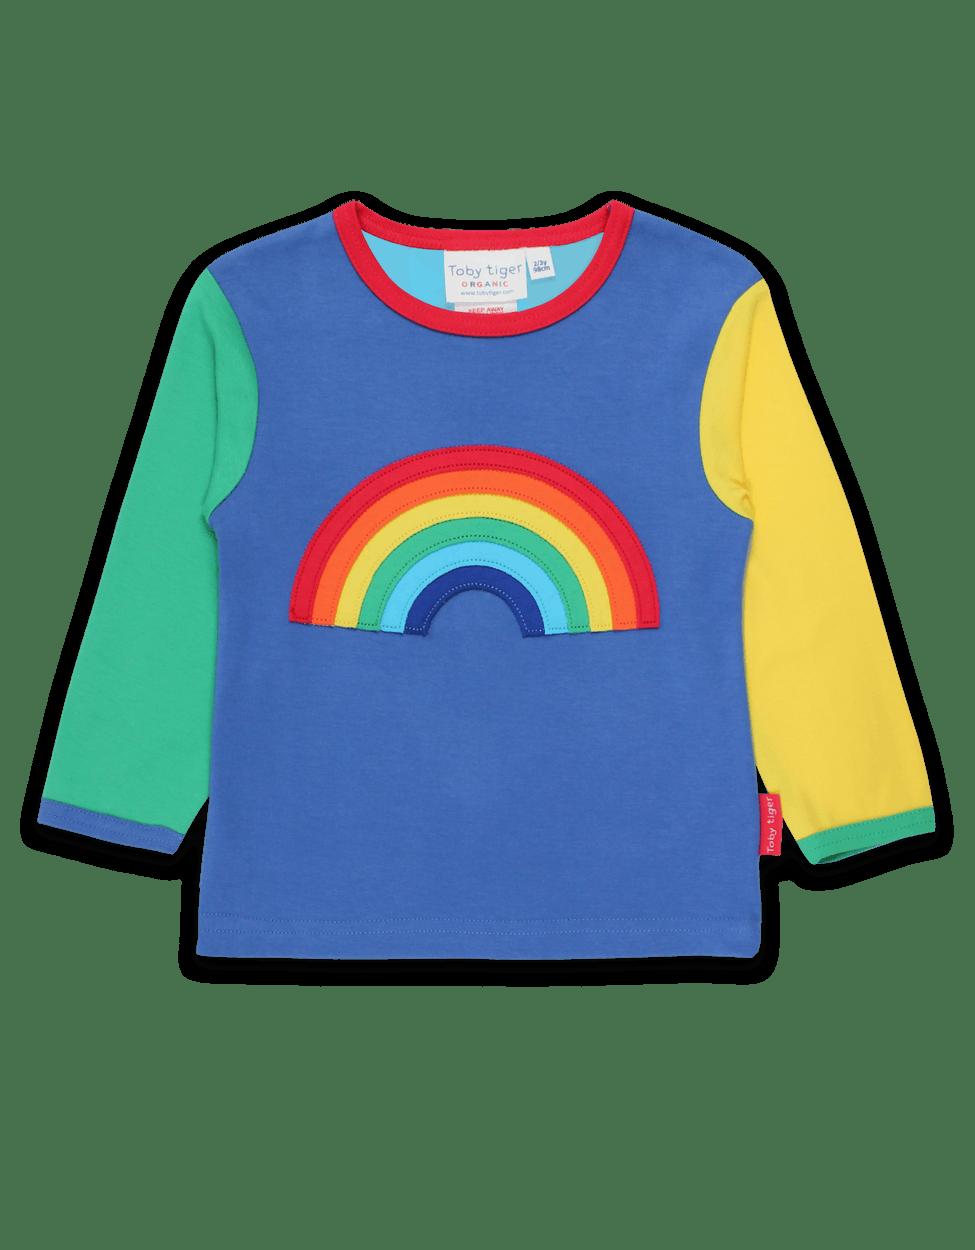 Toby Tiger SS20 Grey Rainbow Applique Top